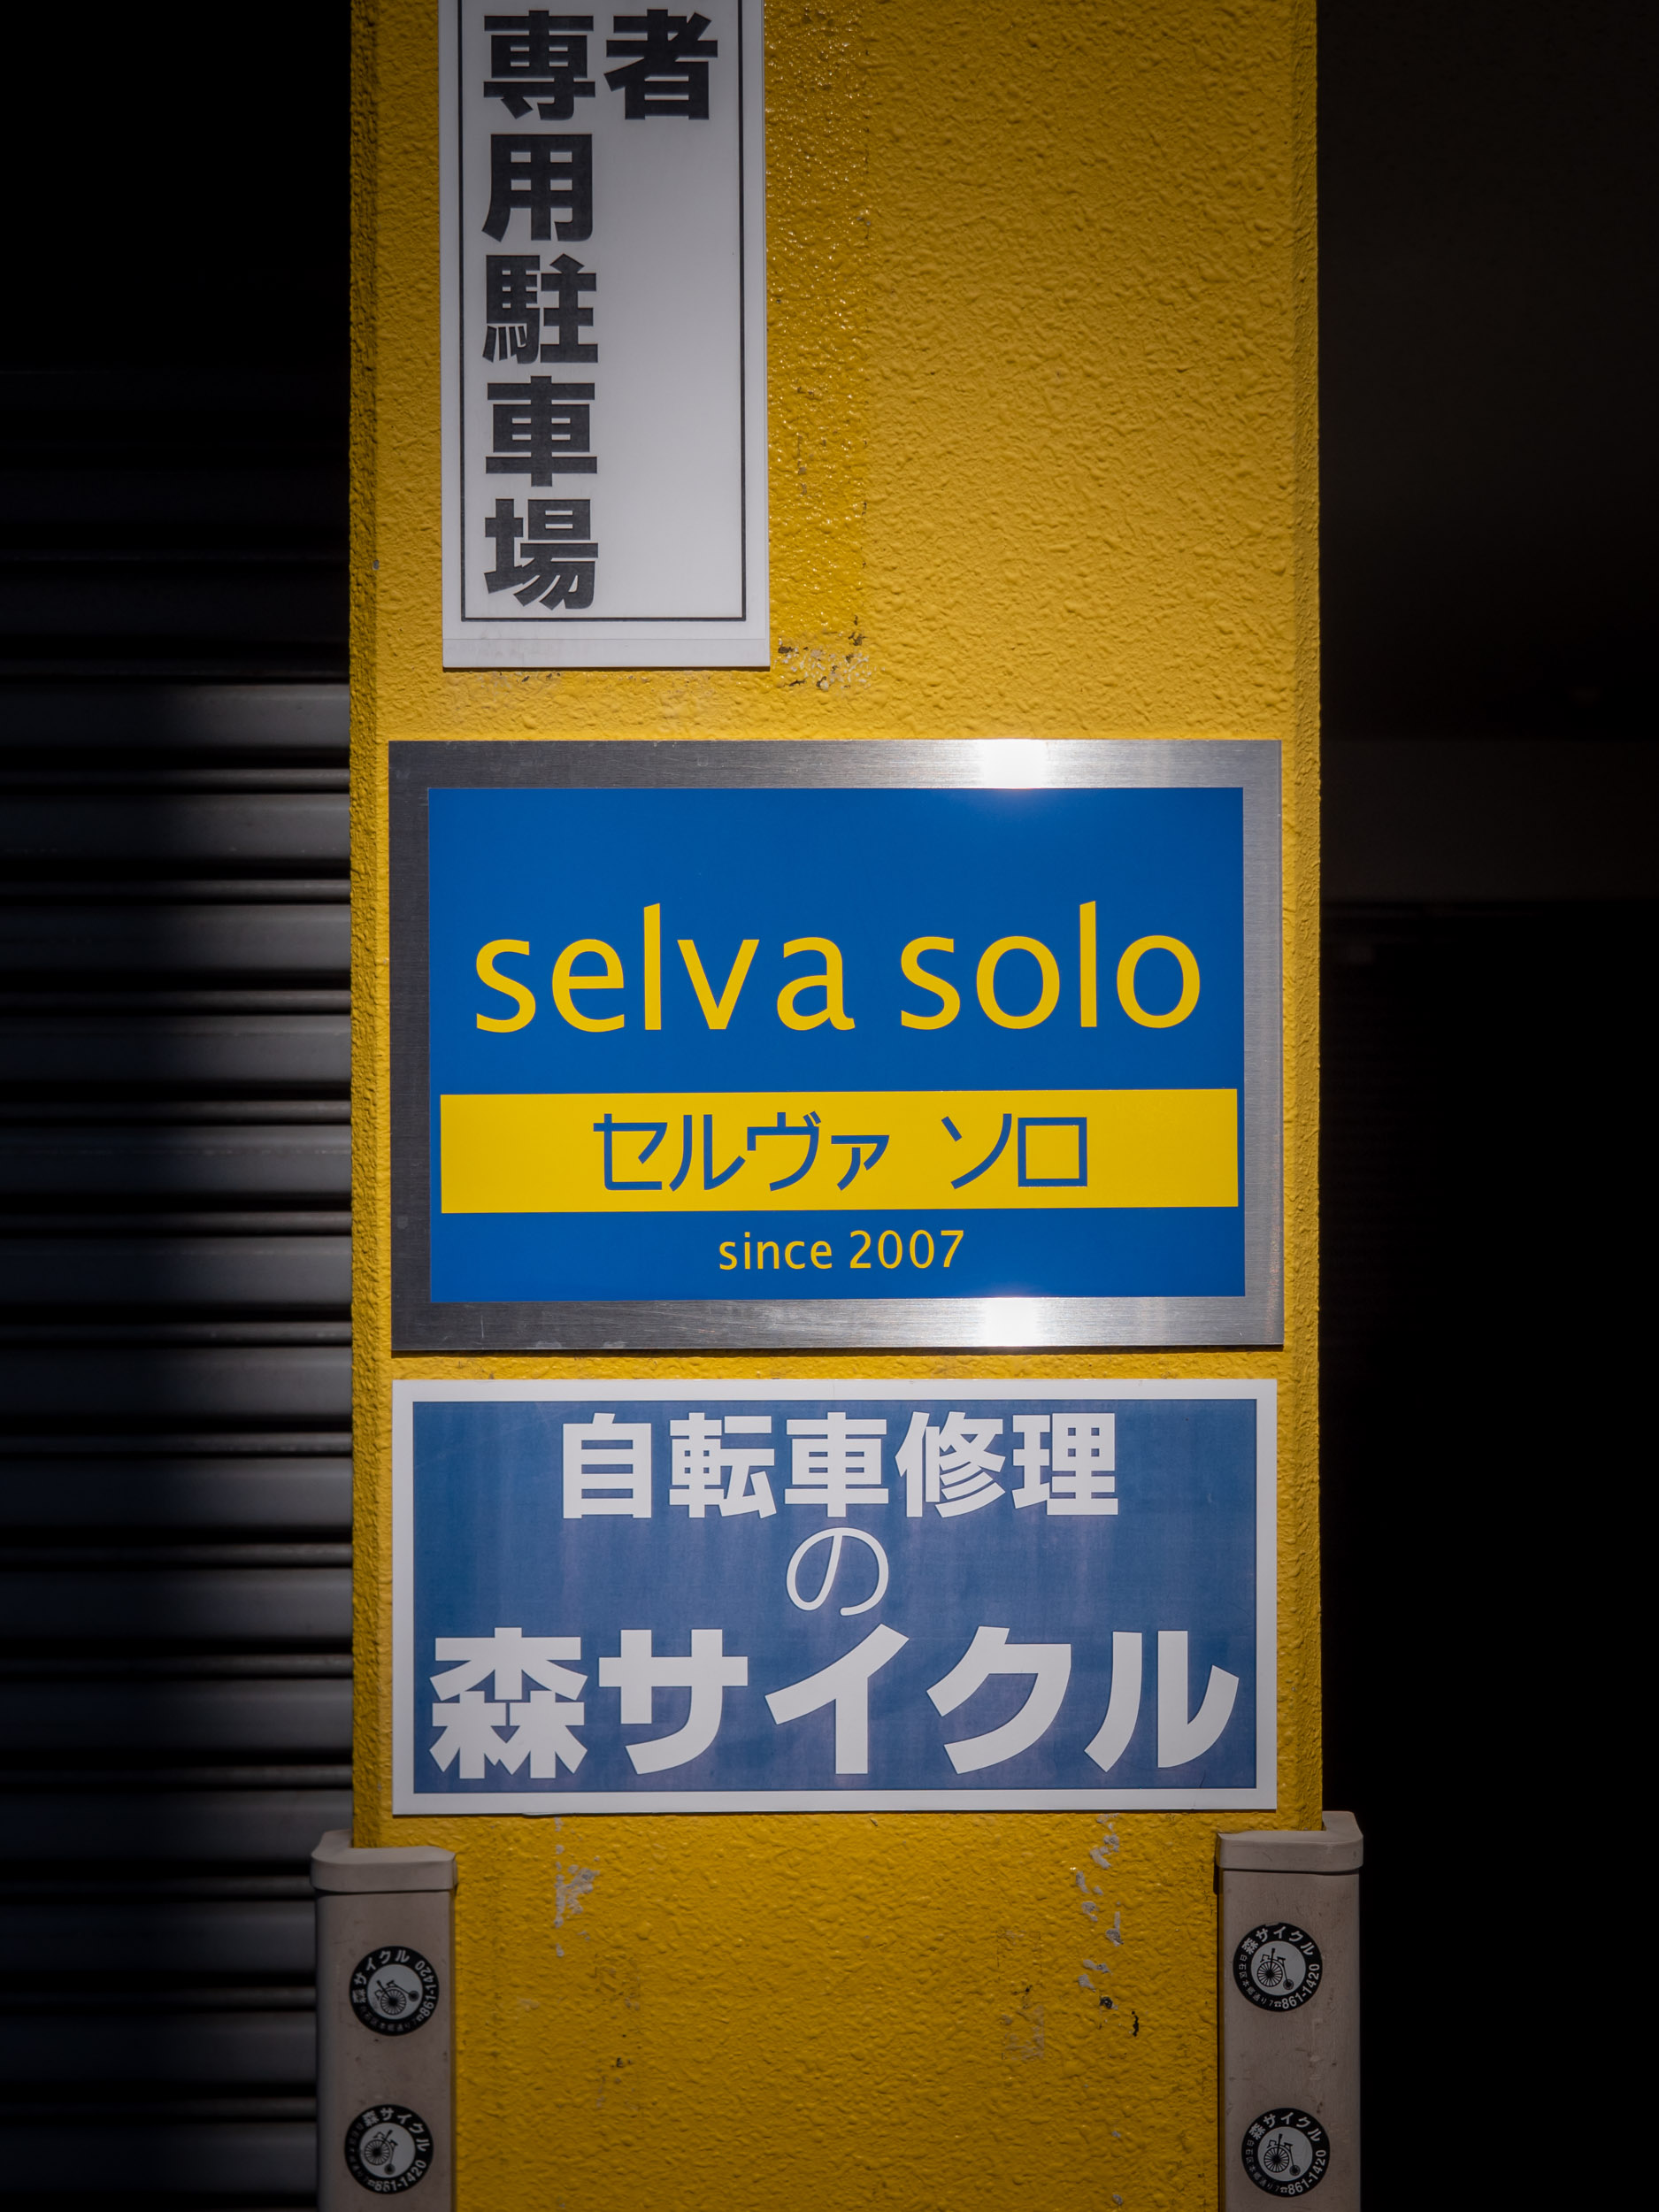 札幌市白石区本郷通7丁目北1−30「セルヴァソロ」の門柱 DMC-GX8 + LEICA DG 12-60mm